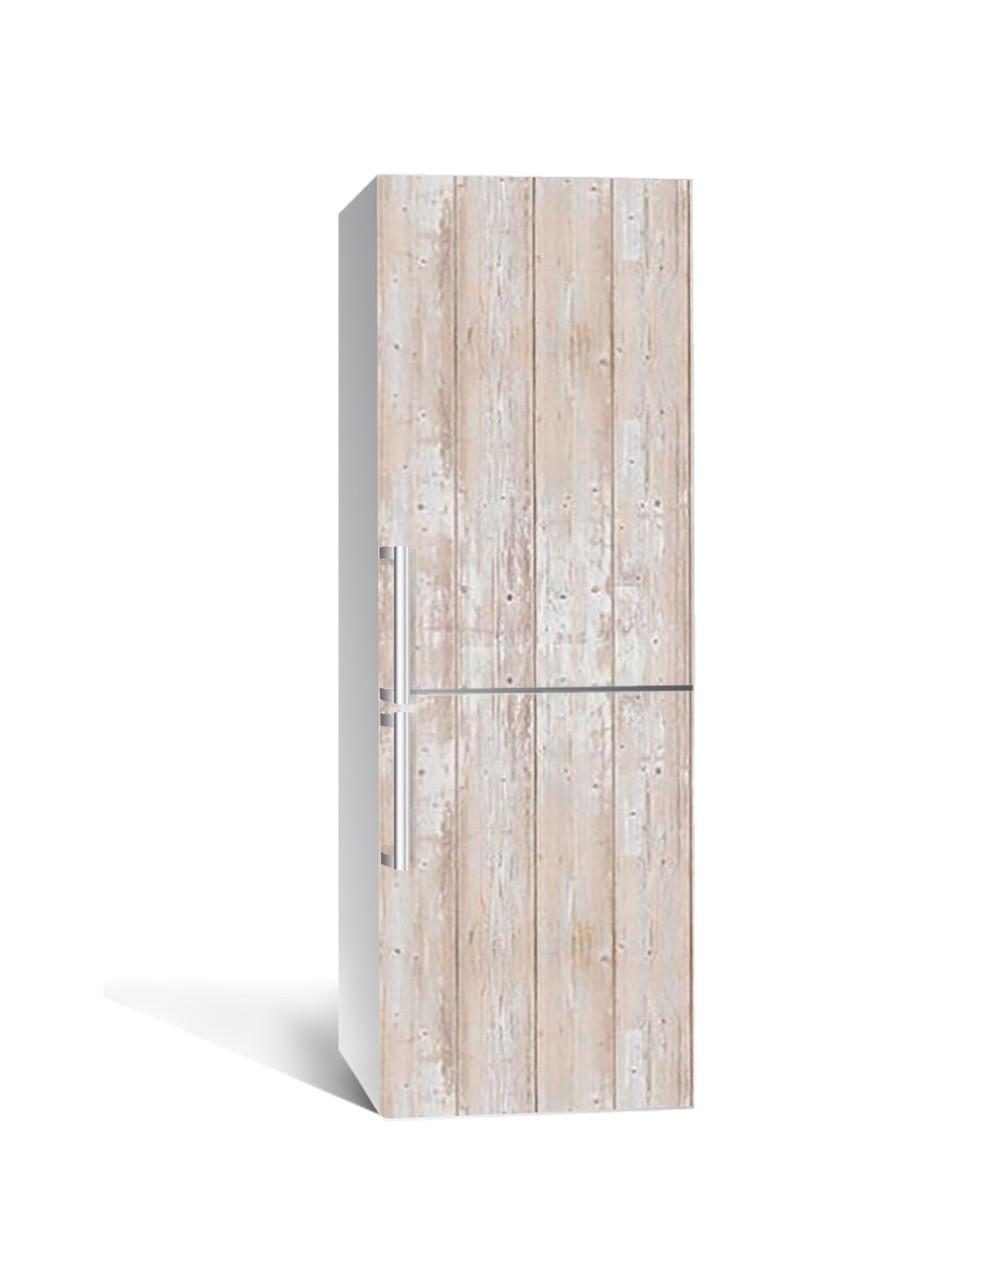 Декор 3Д наклейка на холодильник Кремове дерево Прованс (плівка ПВХ фотодрук) 65*200см Текстура Бежевий